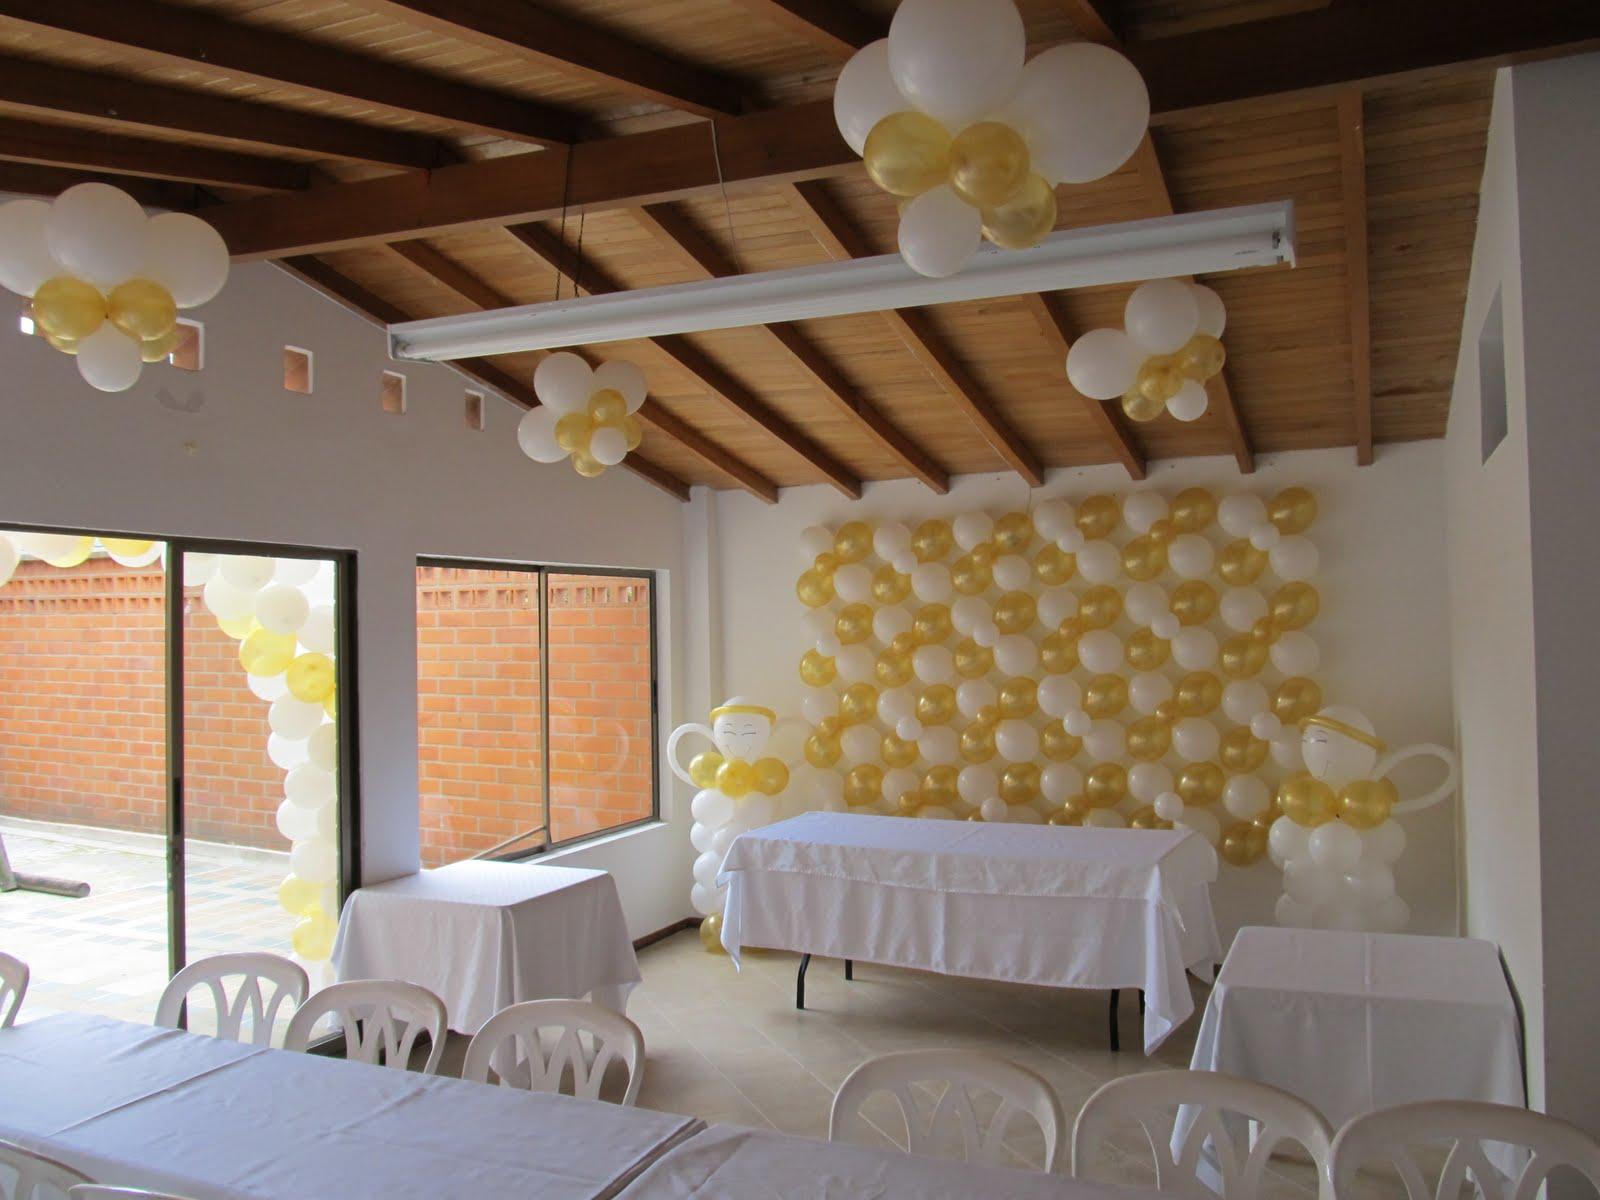 Fiestas infantiles Medellin, decoracion globos, recreacion castillos